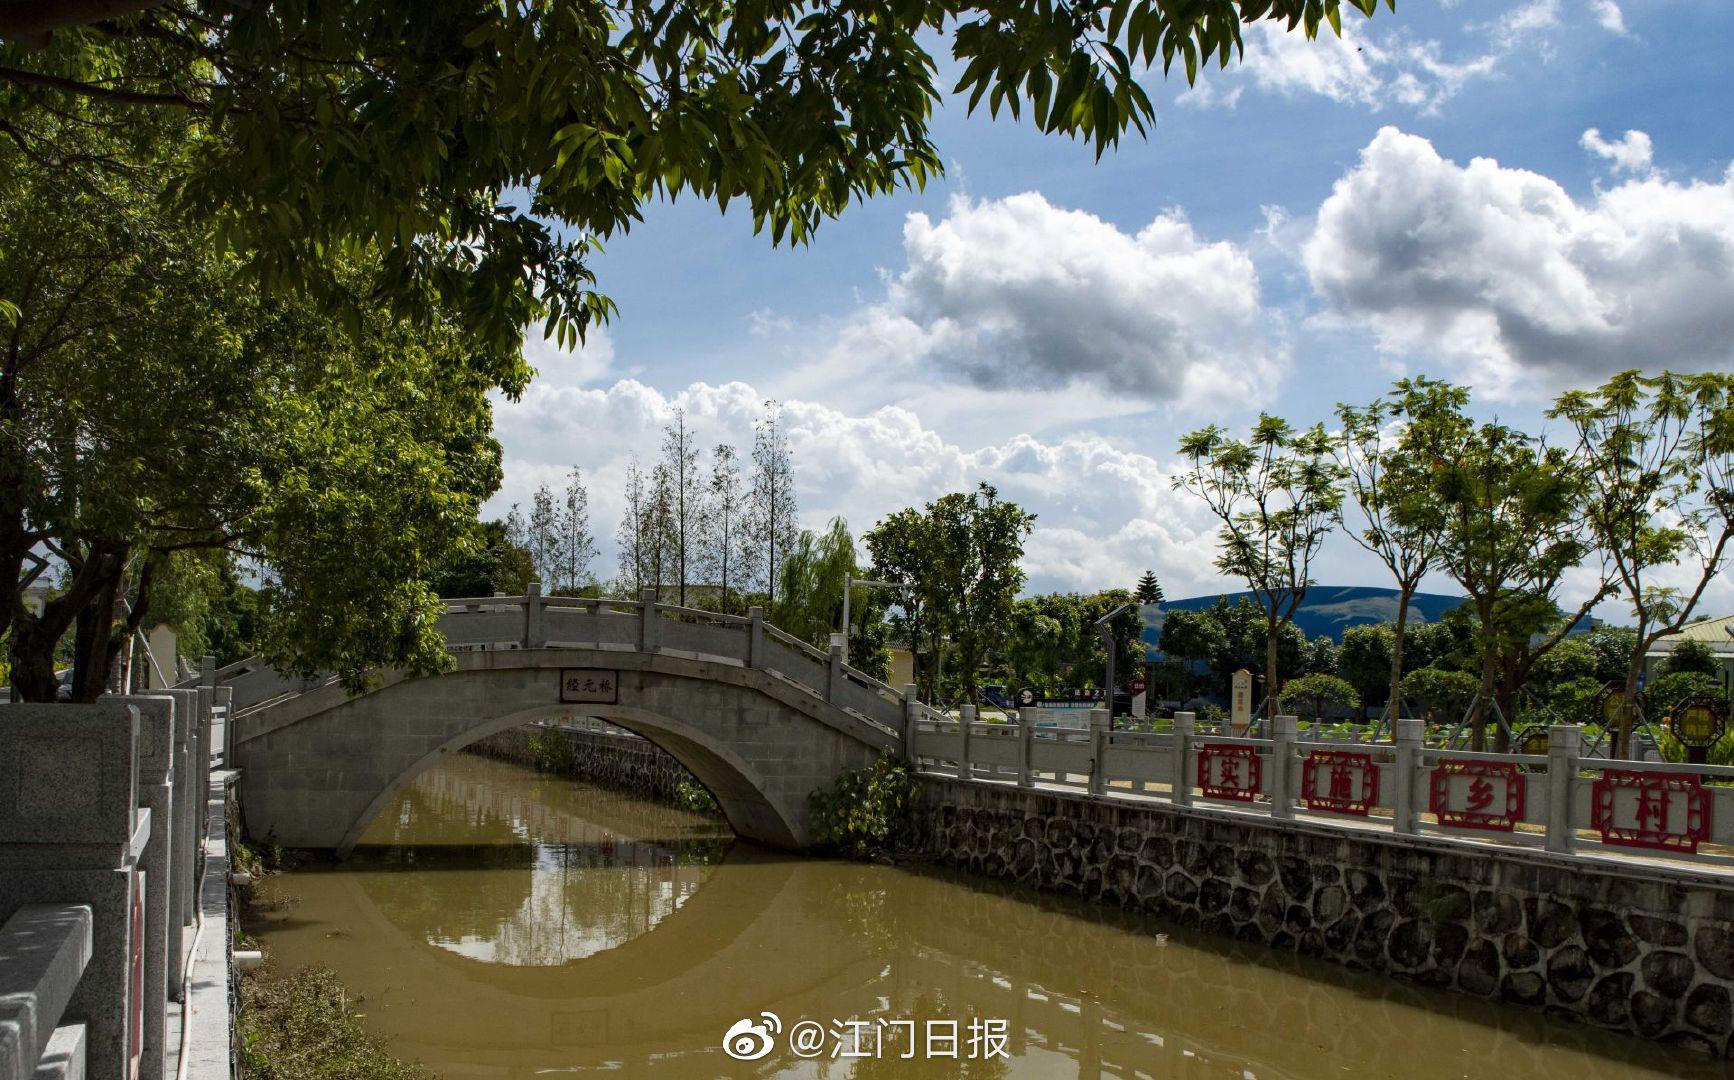 潮连卢湾村:夏日赏荷好去处